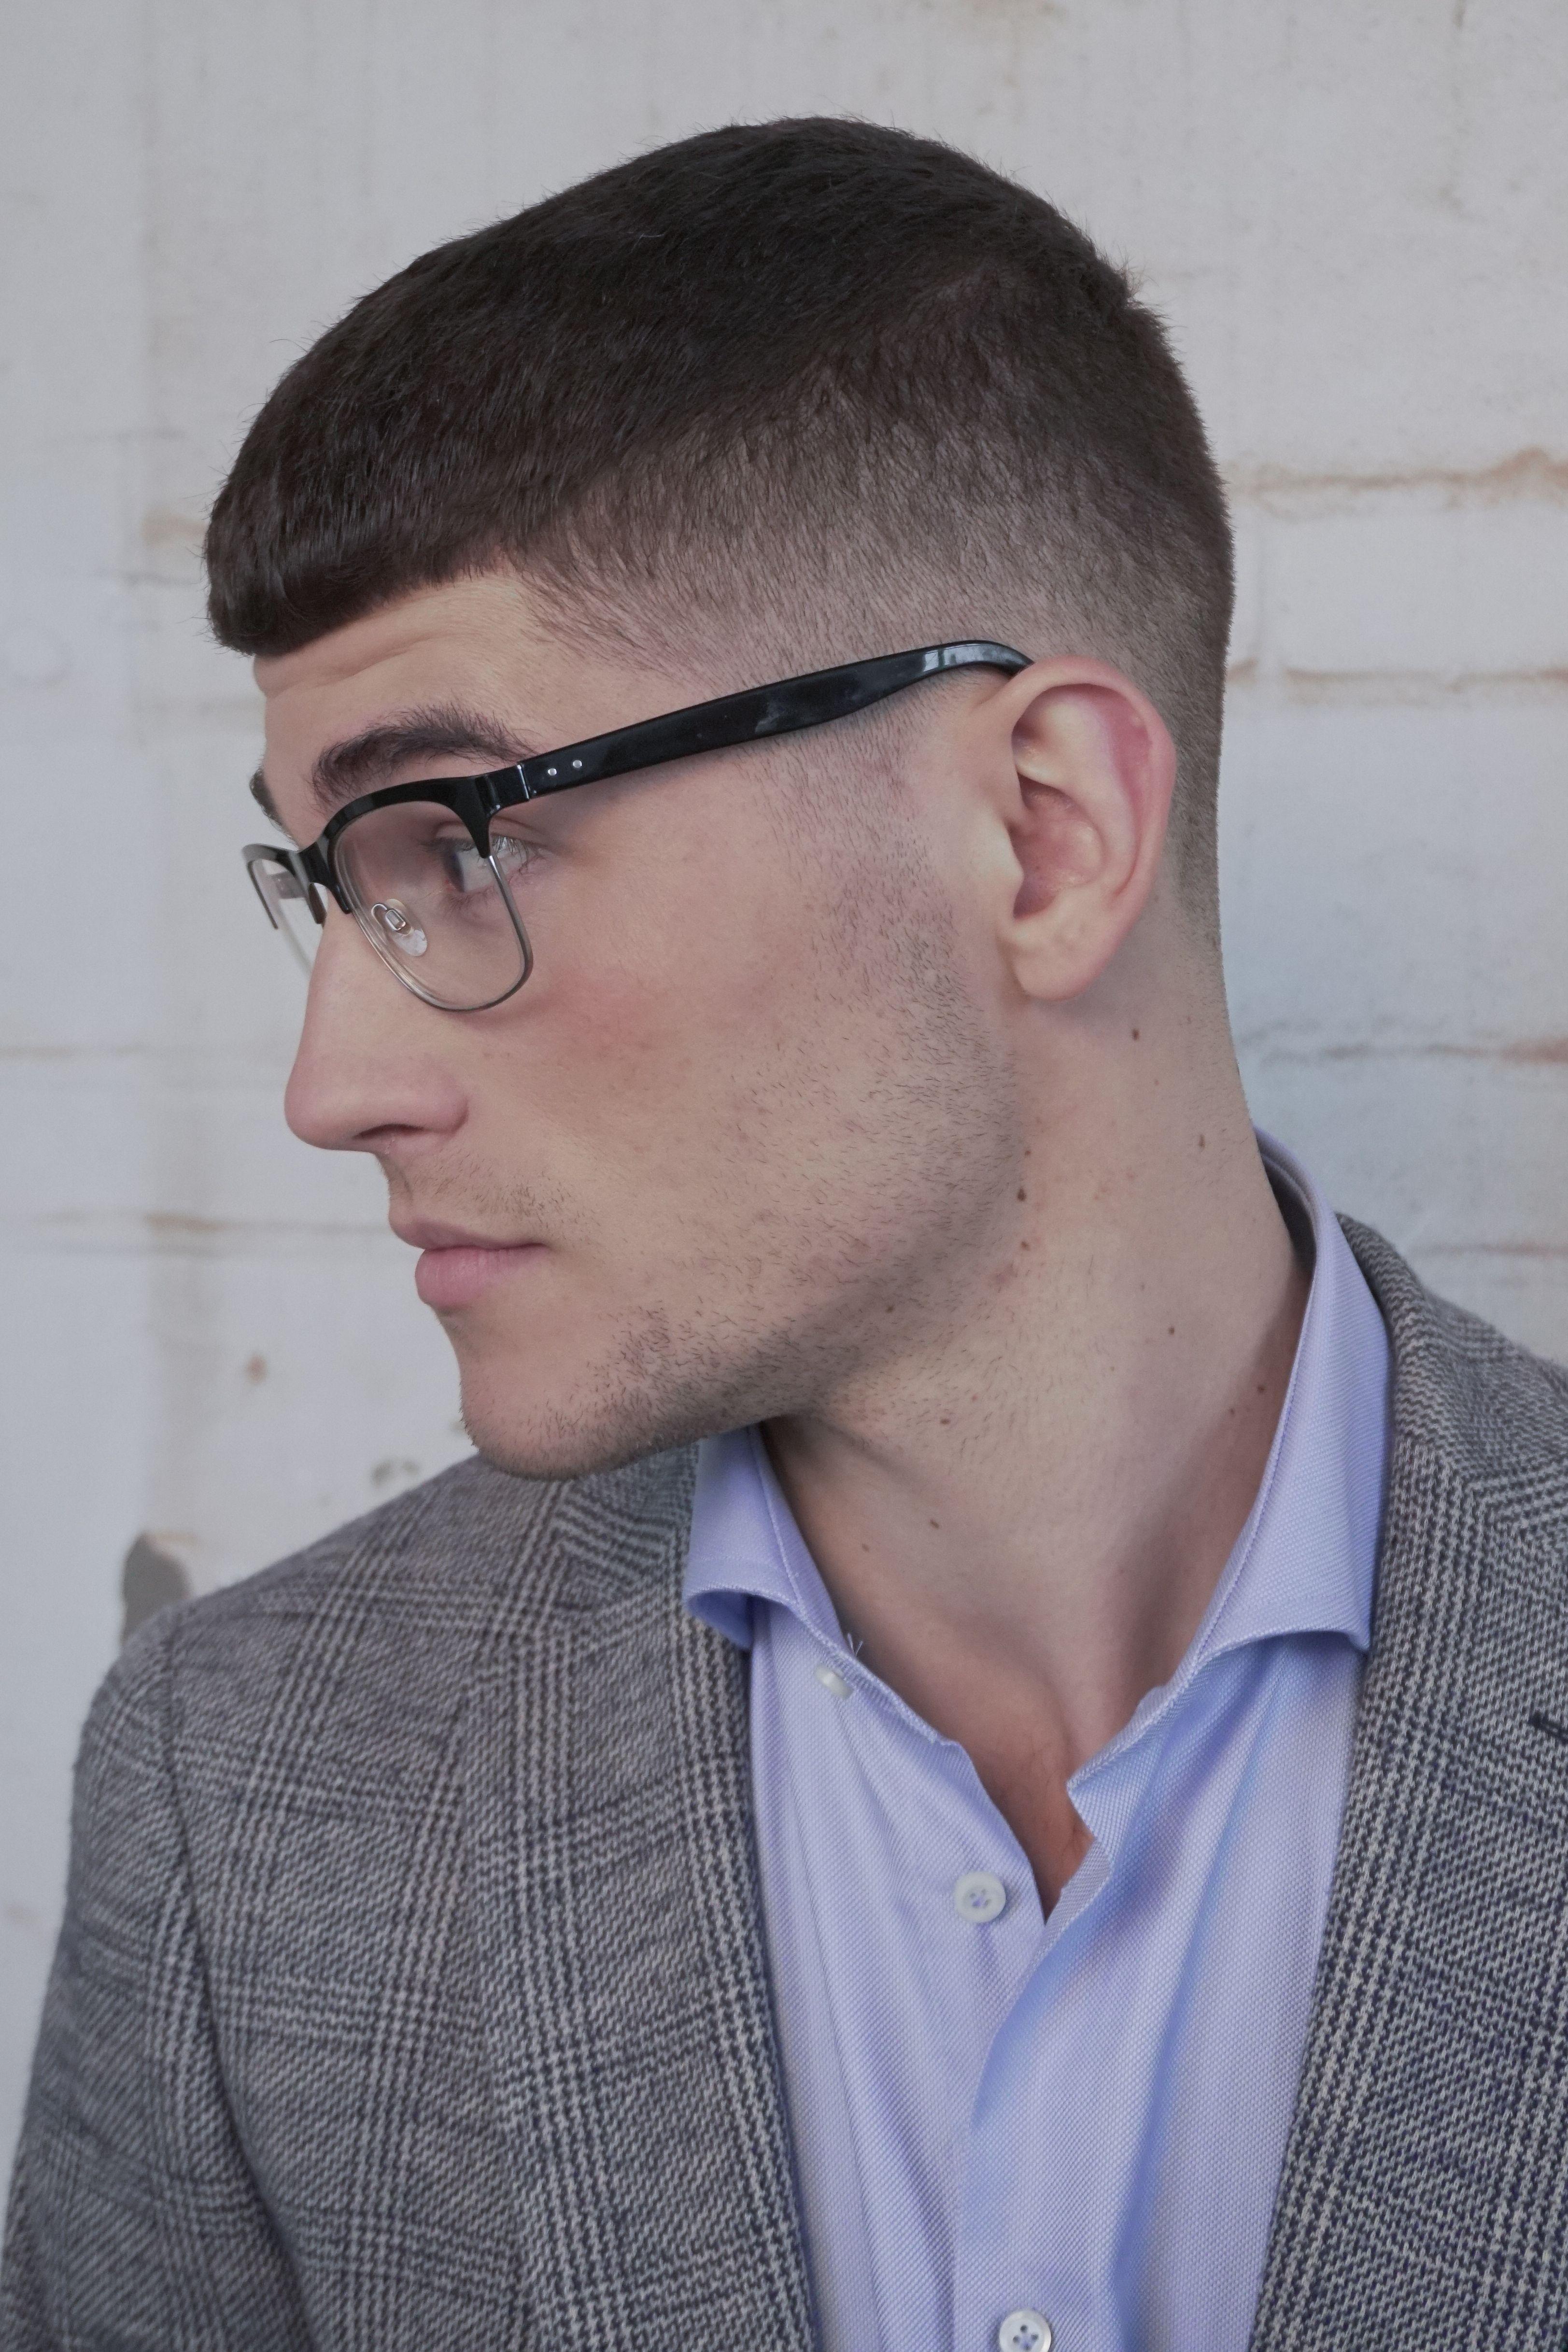 coupe kort haar